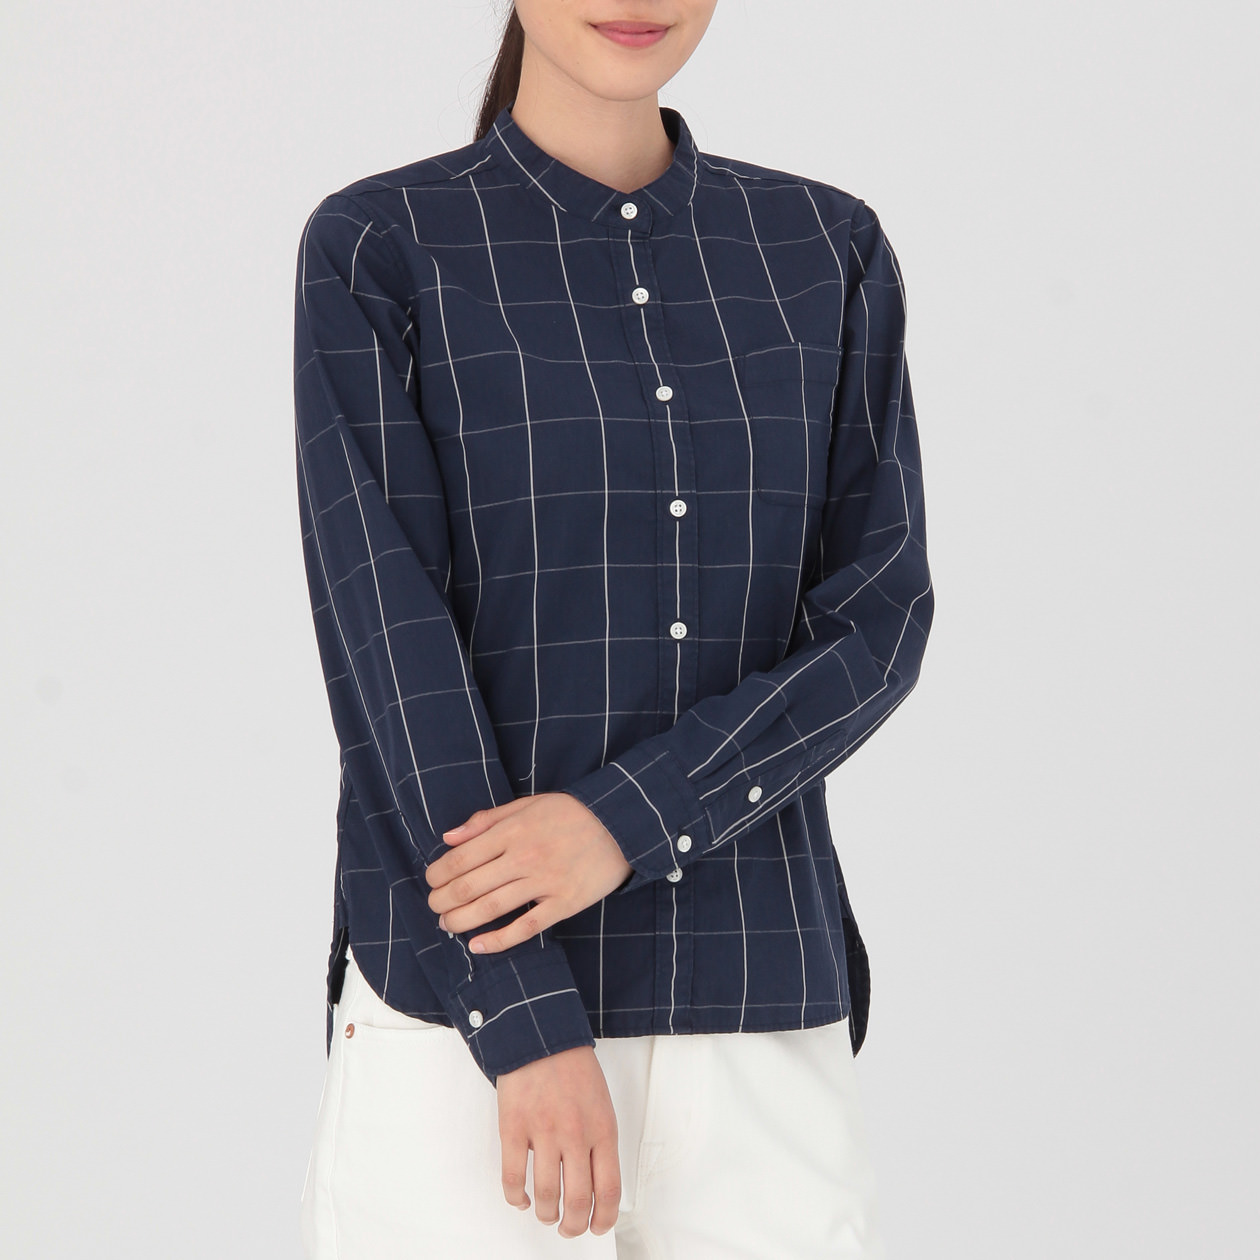 女有機棉水洗窗格紋立領襯衫 深藍S   無印良品